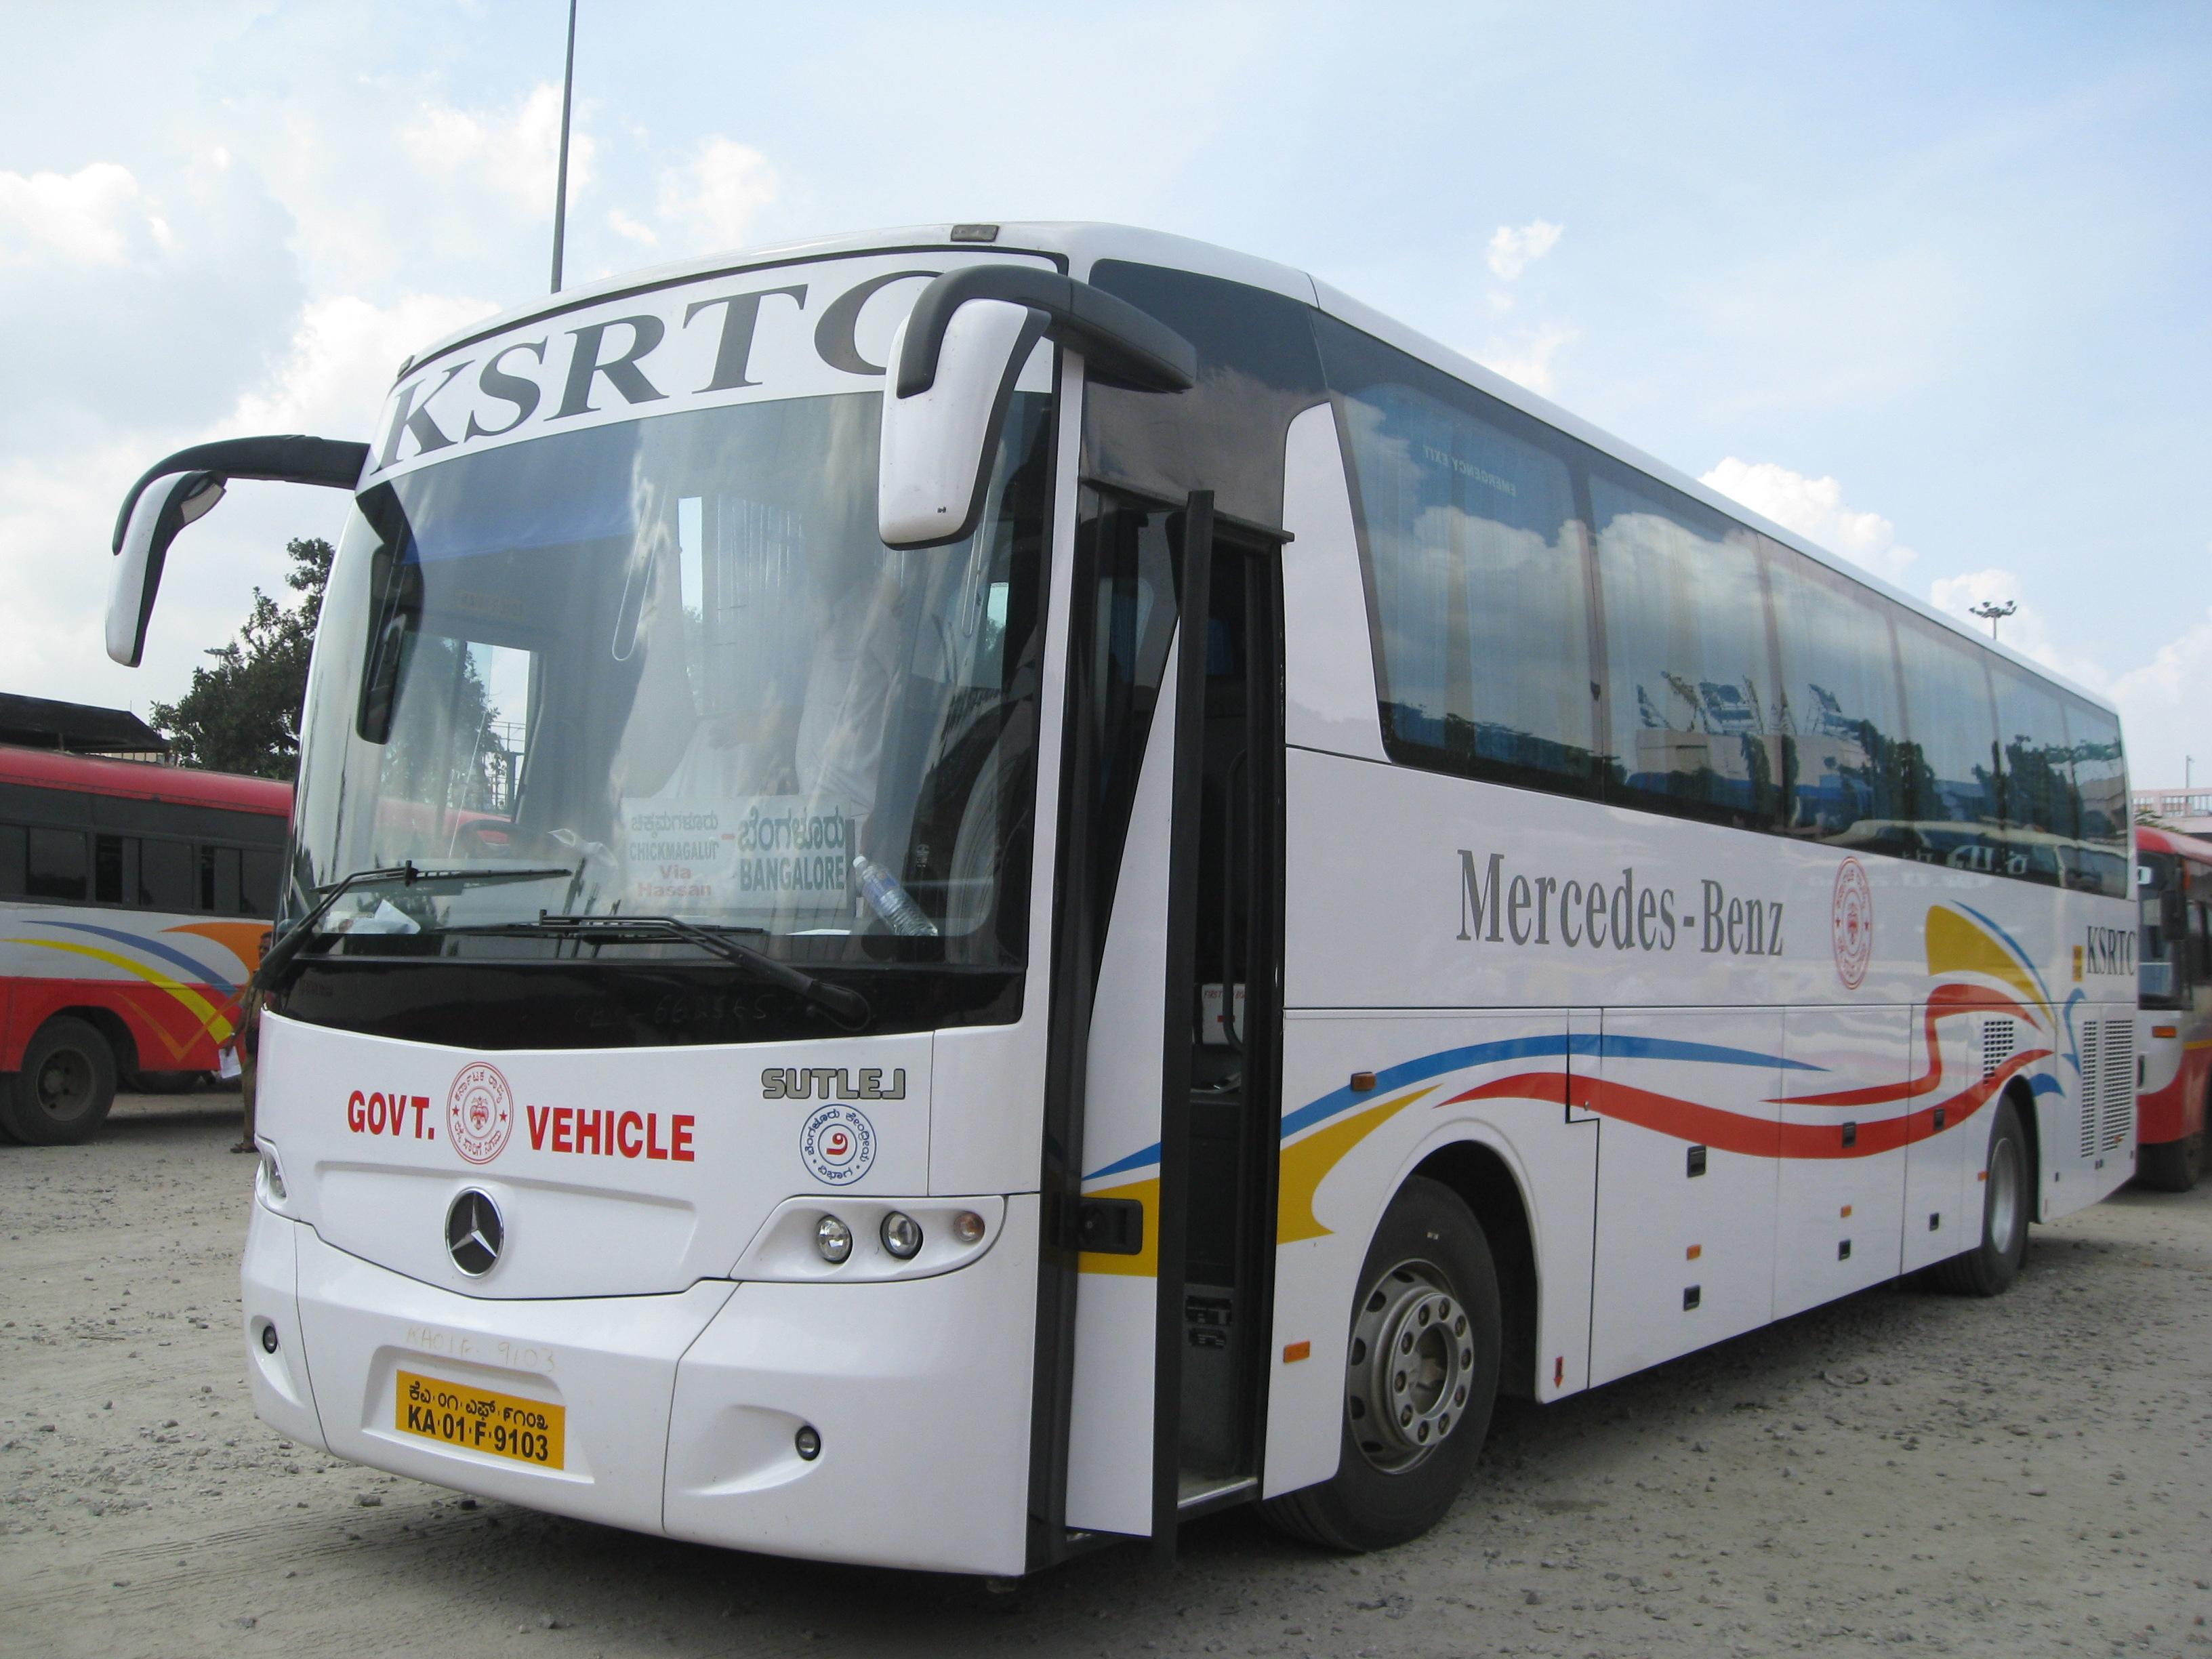 ksrtc mercedes benz bus. Black Bedroom Furniture Sets. Home Design Ideas